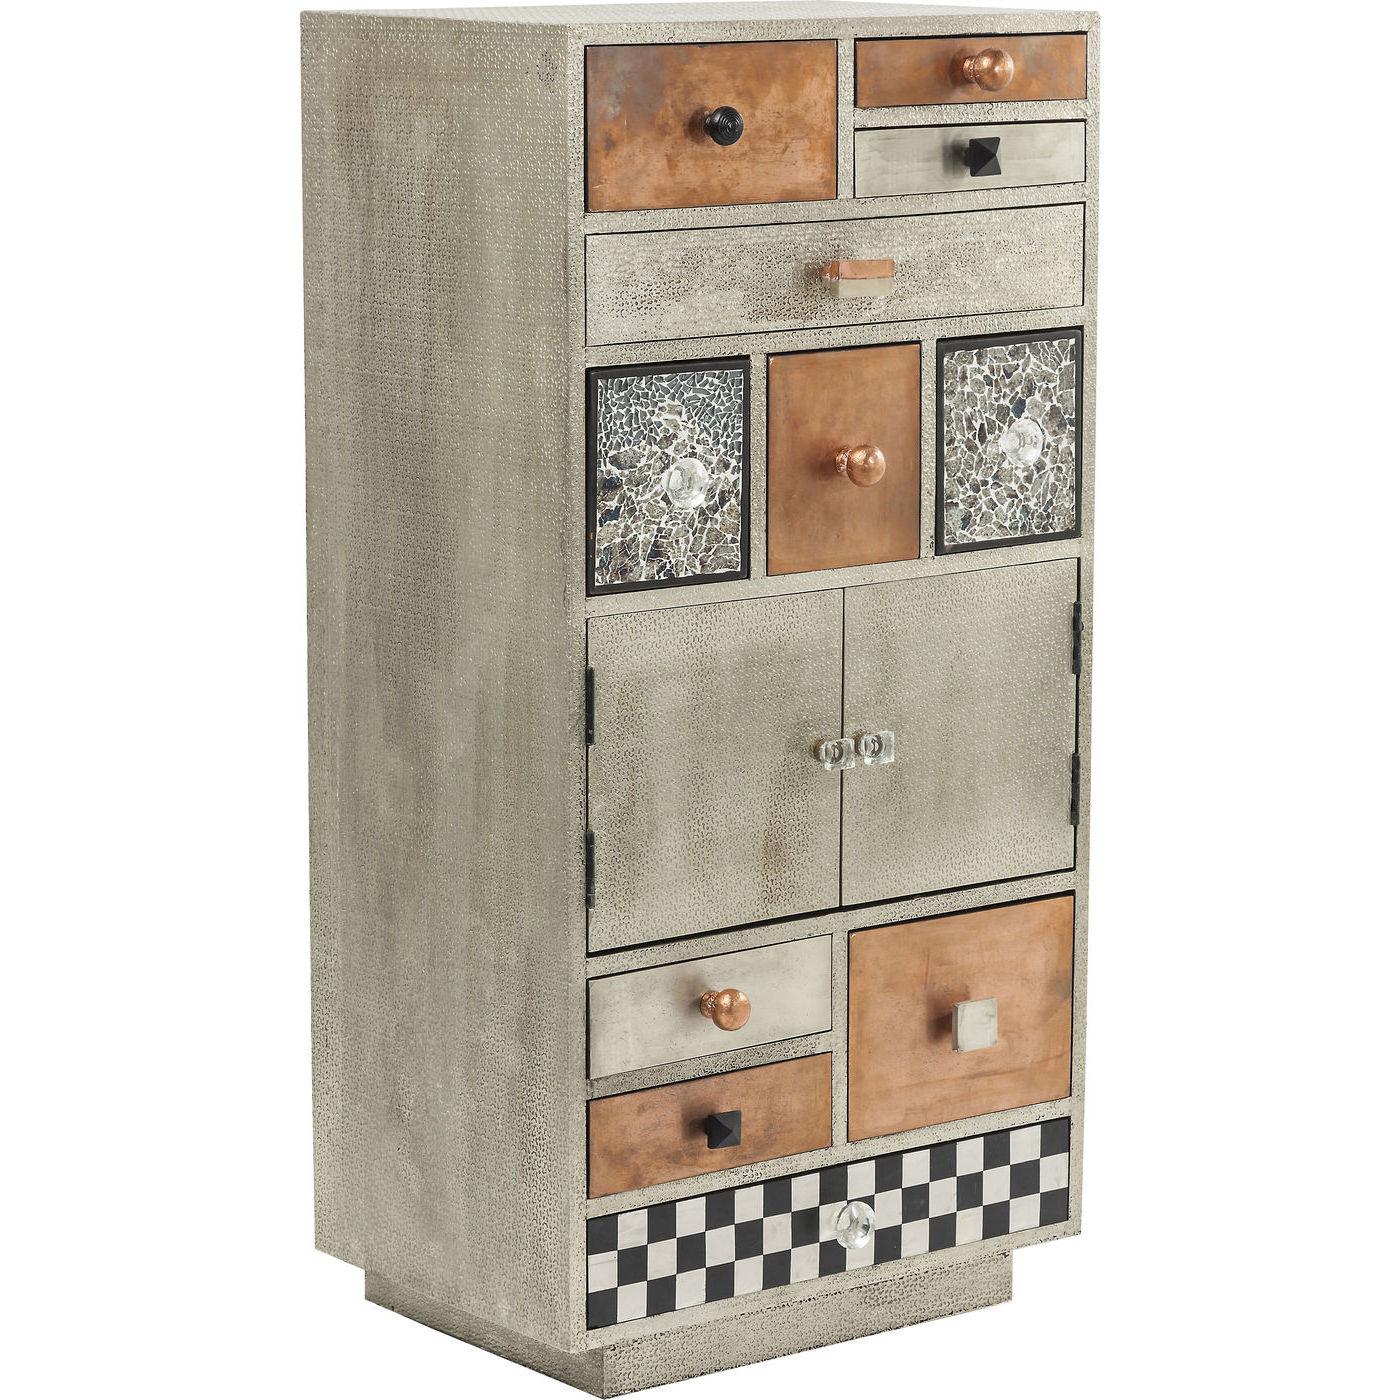 beistellschrank kommode aufbewahrung hochkommode marokko neu kare design ebay. Black Bedroom Furniture Sets. Home Design Ideas